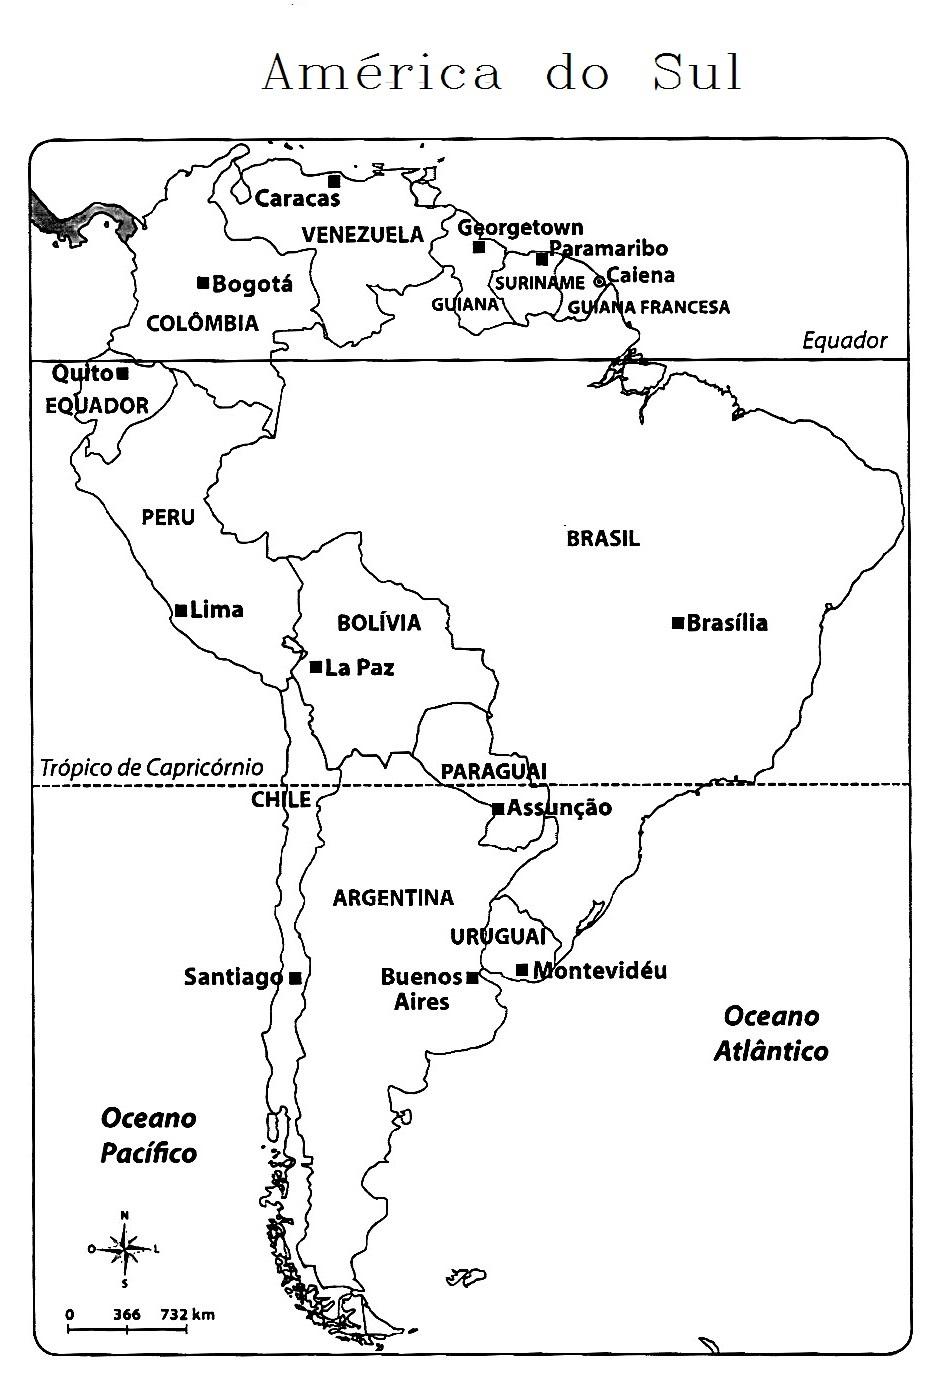 Blog De Geografia Mapa Da America Do Sul Com Paises E Capitais